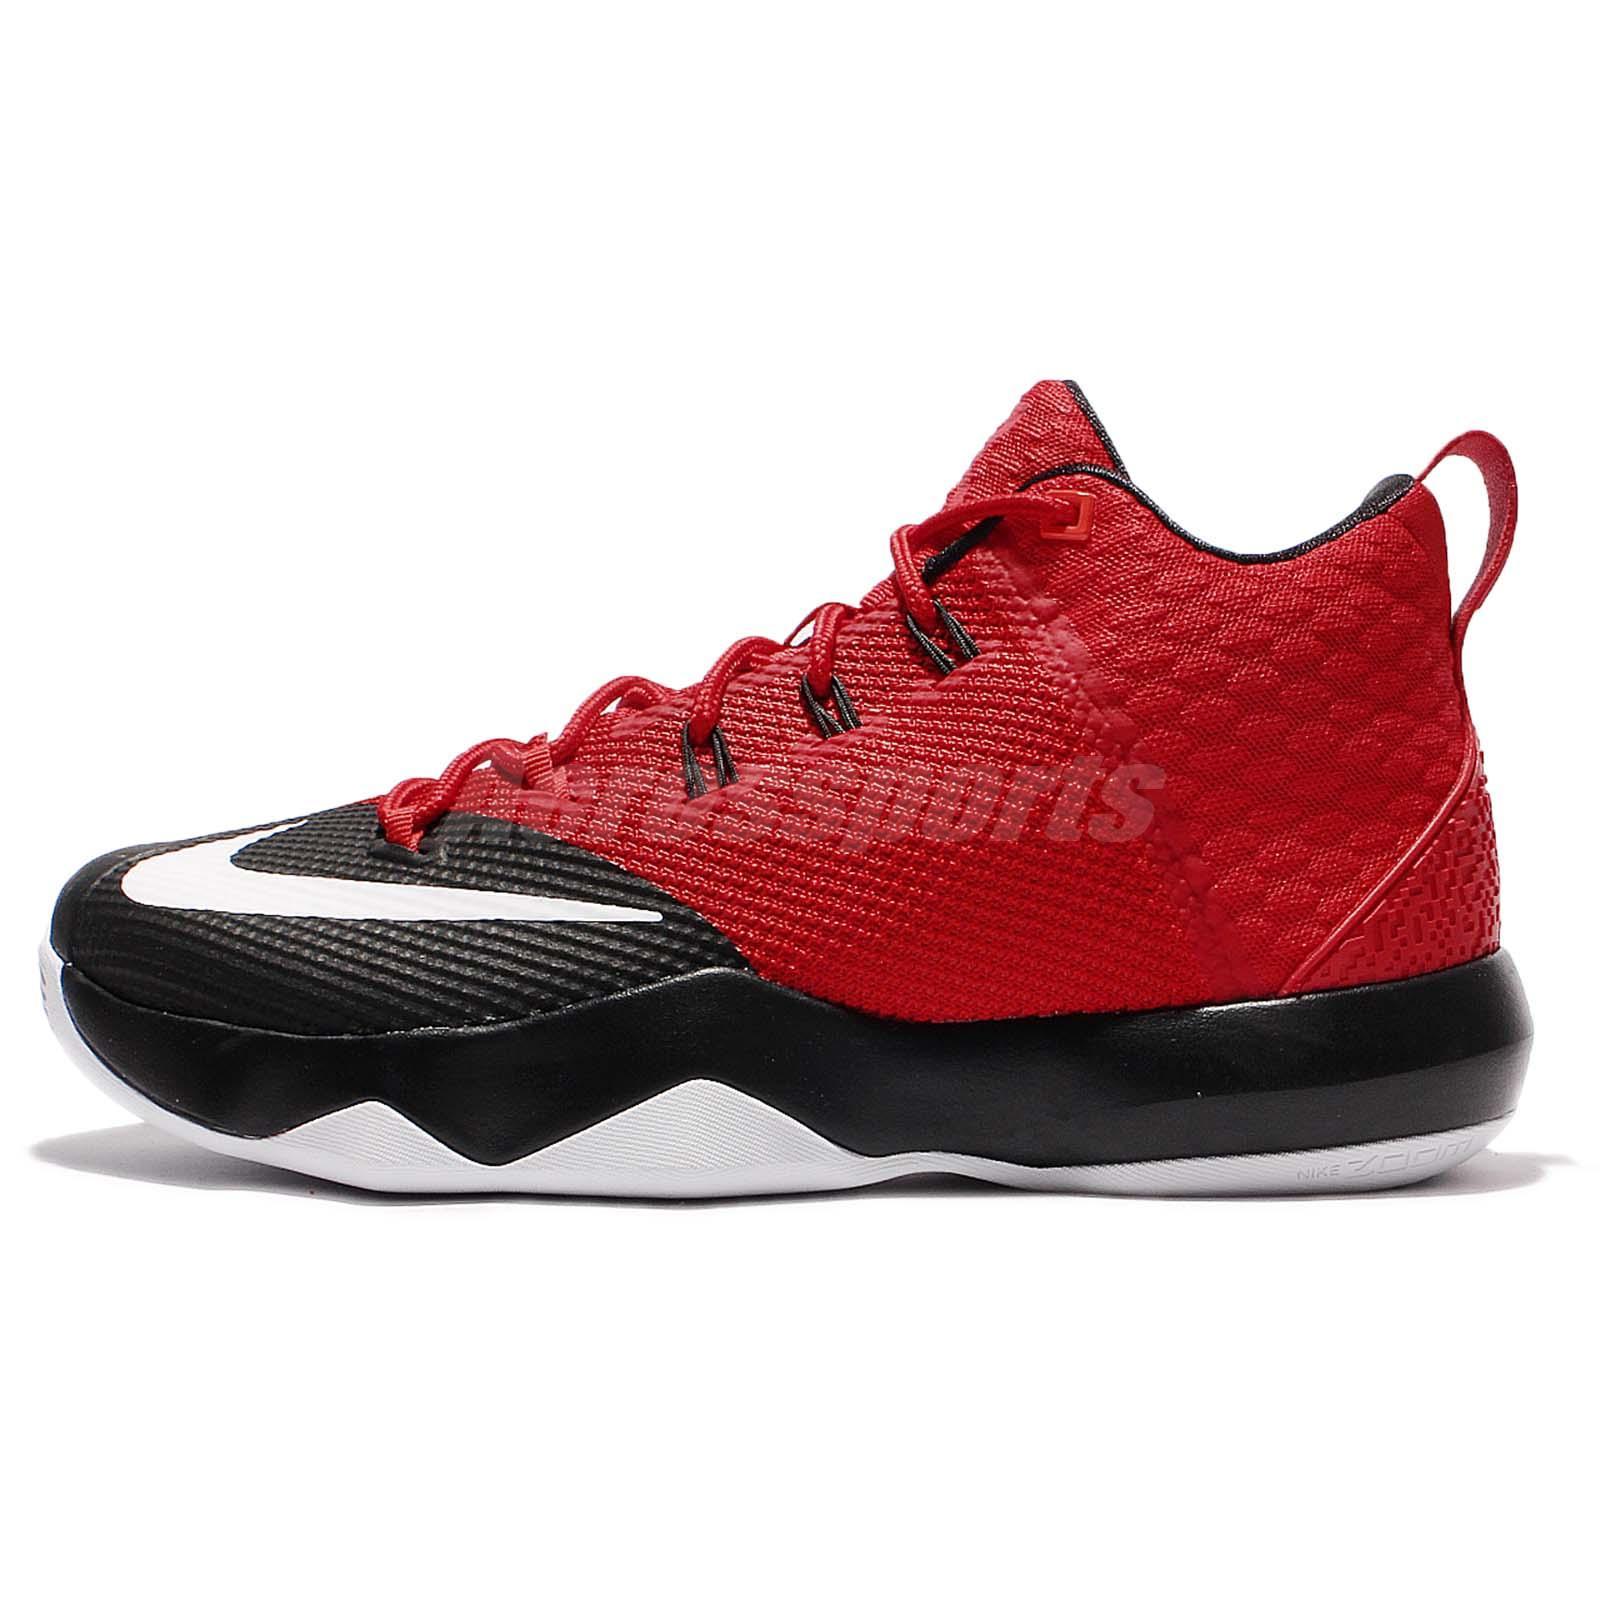 Nike Ambassador IX 9 Lebron James LBJ Red Black Men Basketball Shoes  852413-616 11932cddccf0